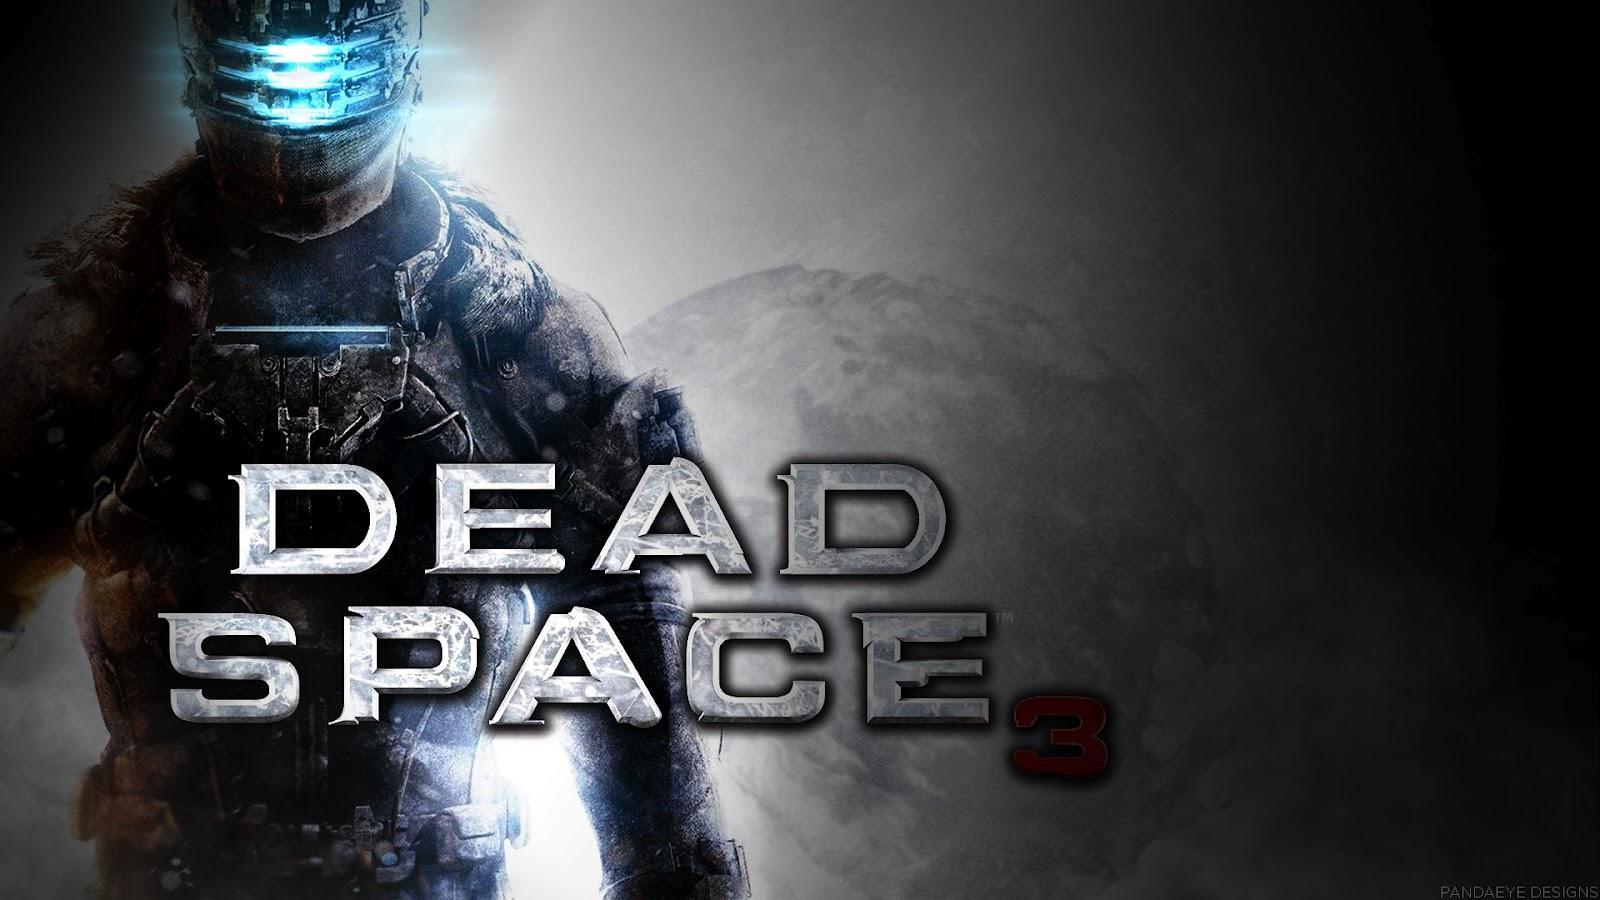 Dead Space 3 HD Wallpaper 1080p 1600x900